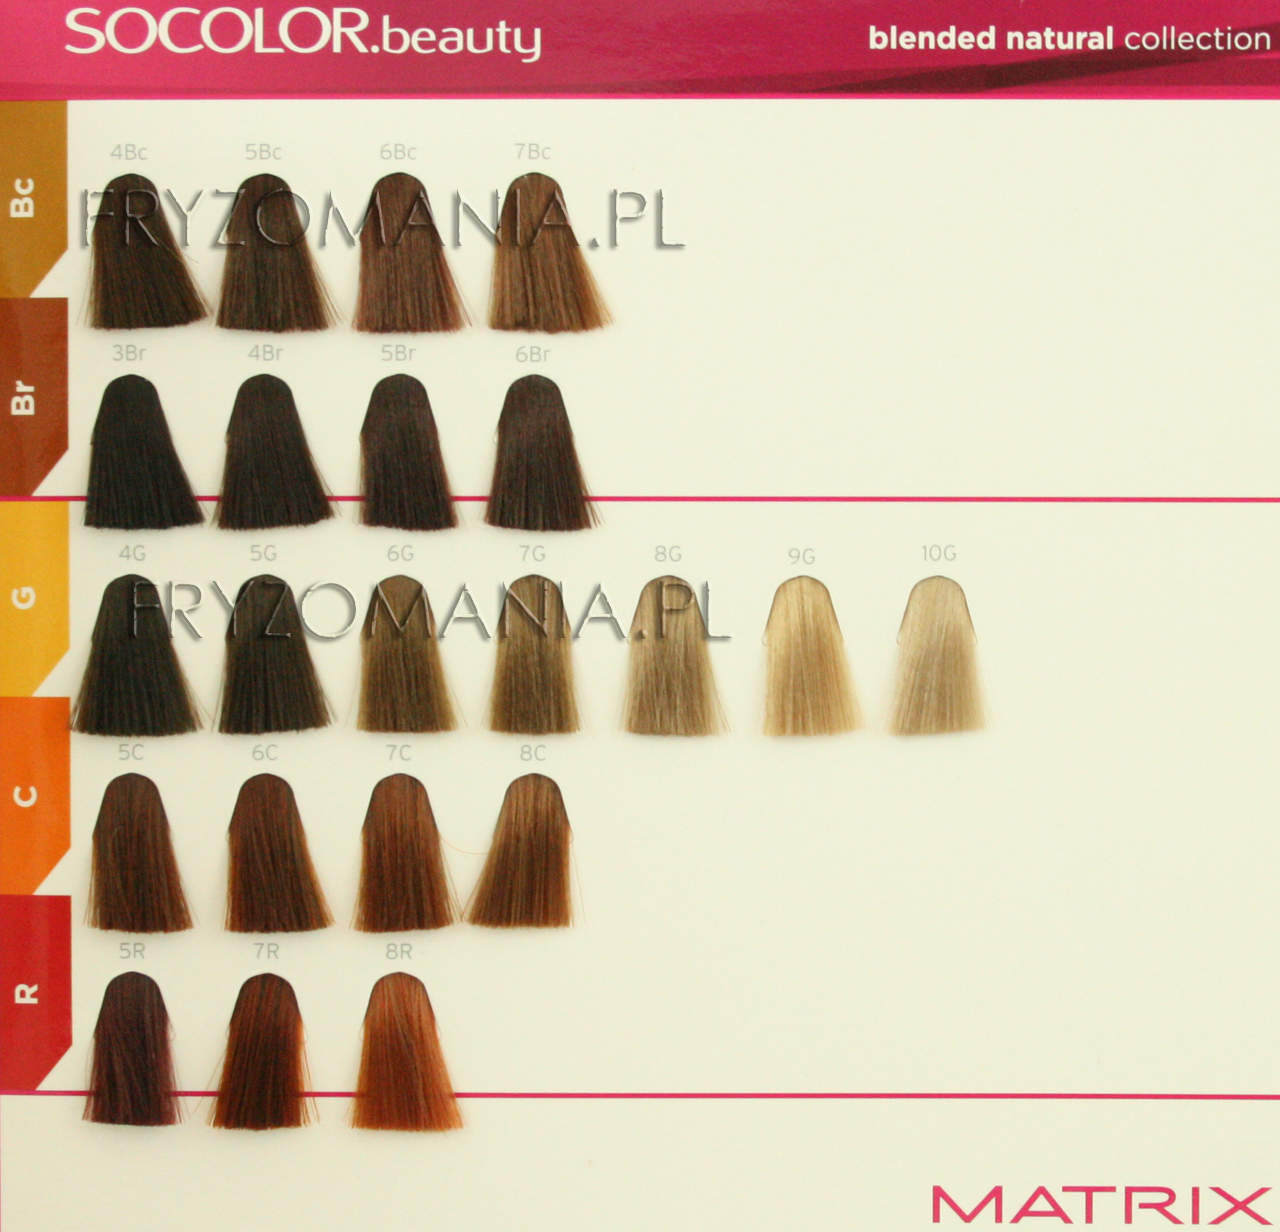 Matrix Socolor Beauty Farba Do Trwałej Koloryzacji 90ml